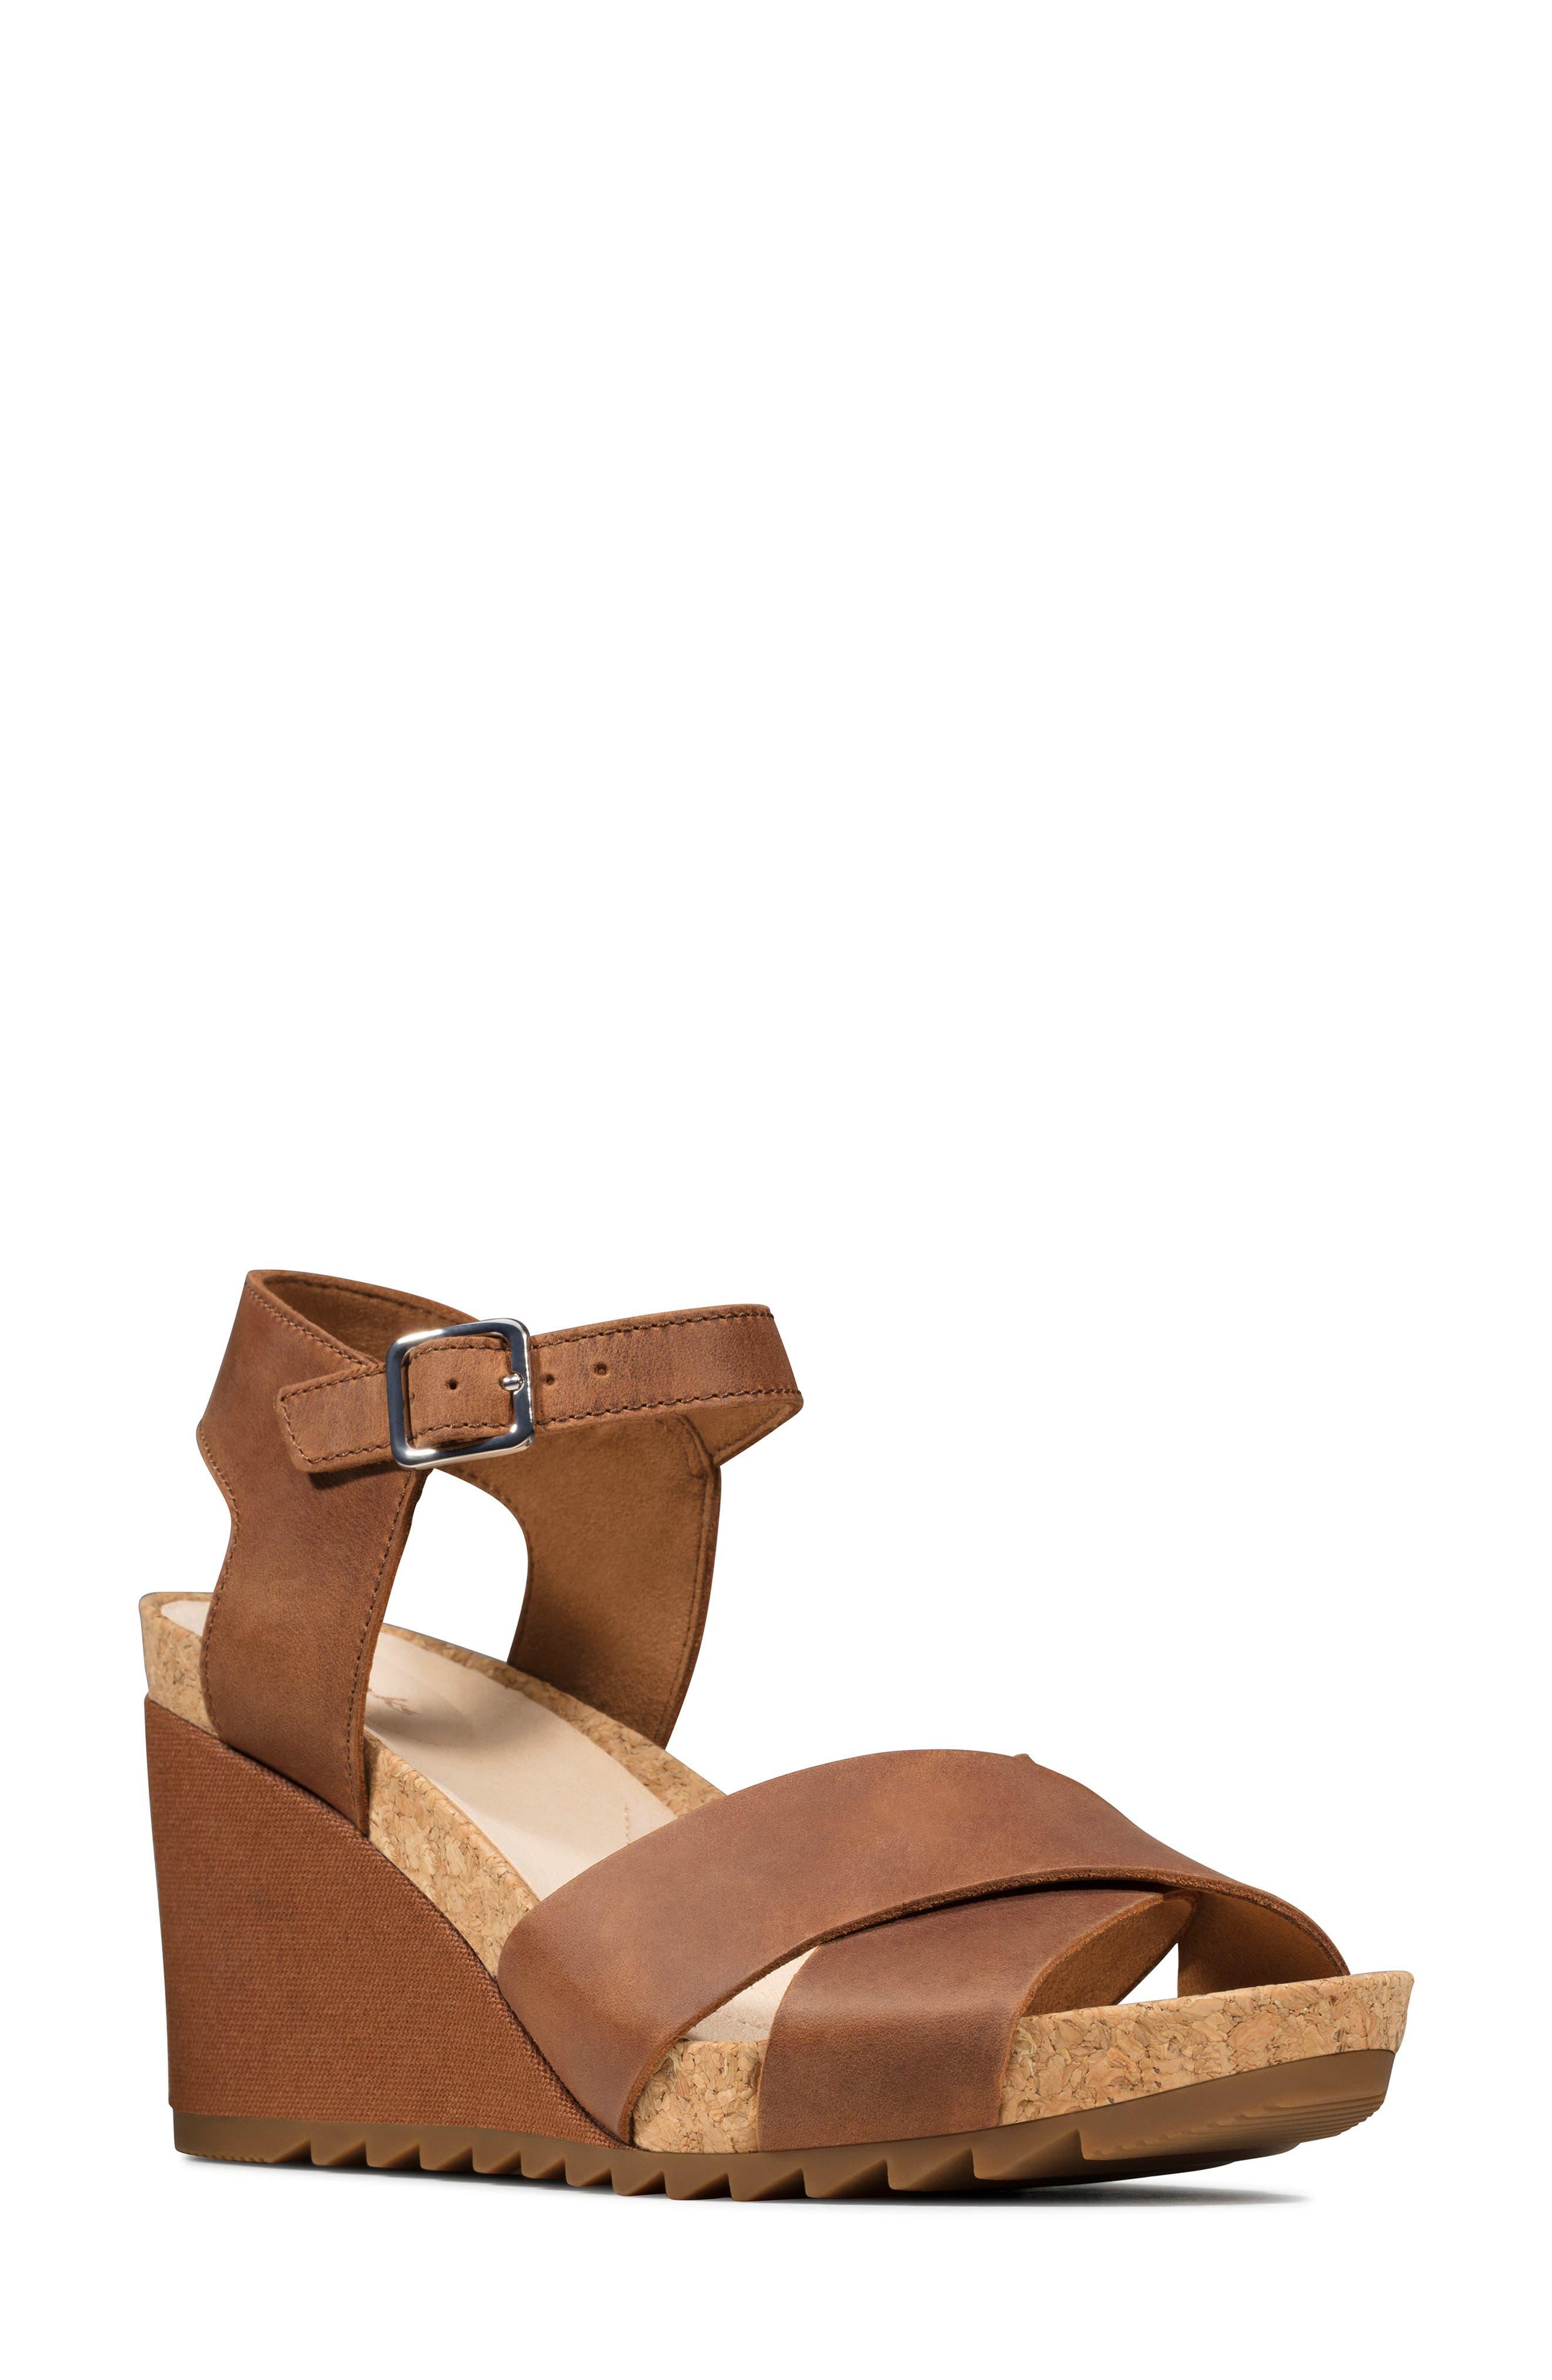 Women's Clarks Flex Sun Wedge Sandal